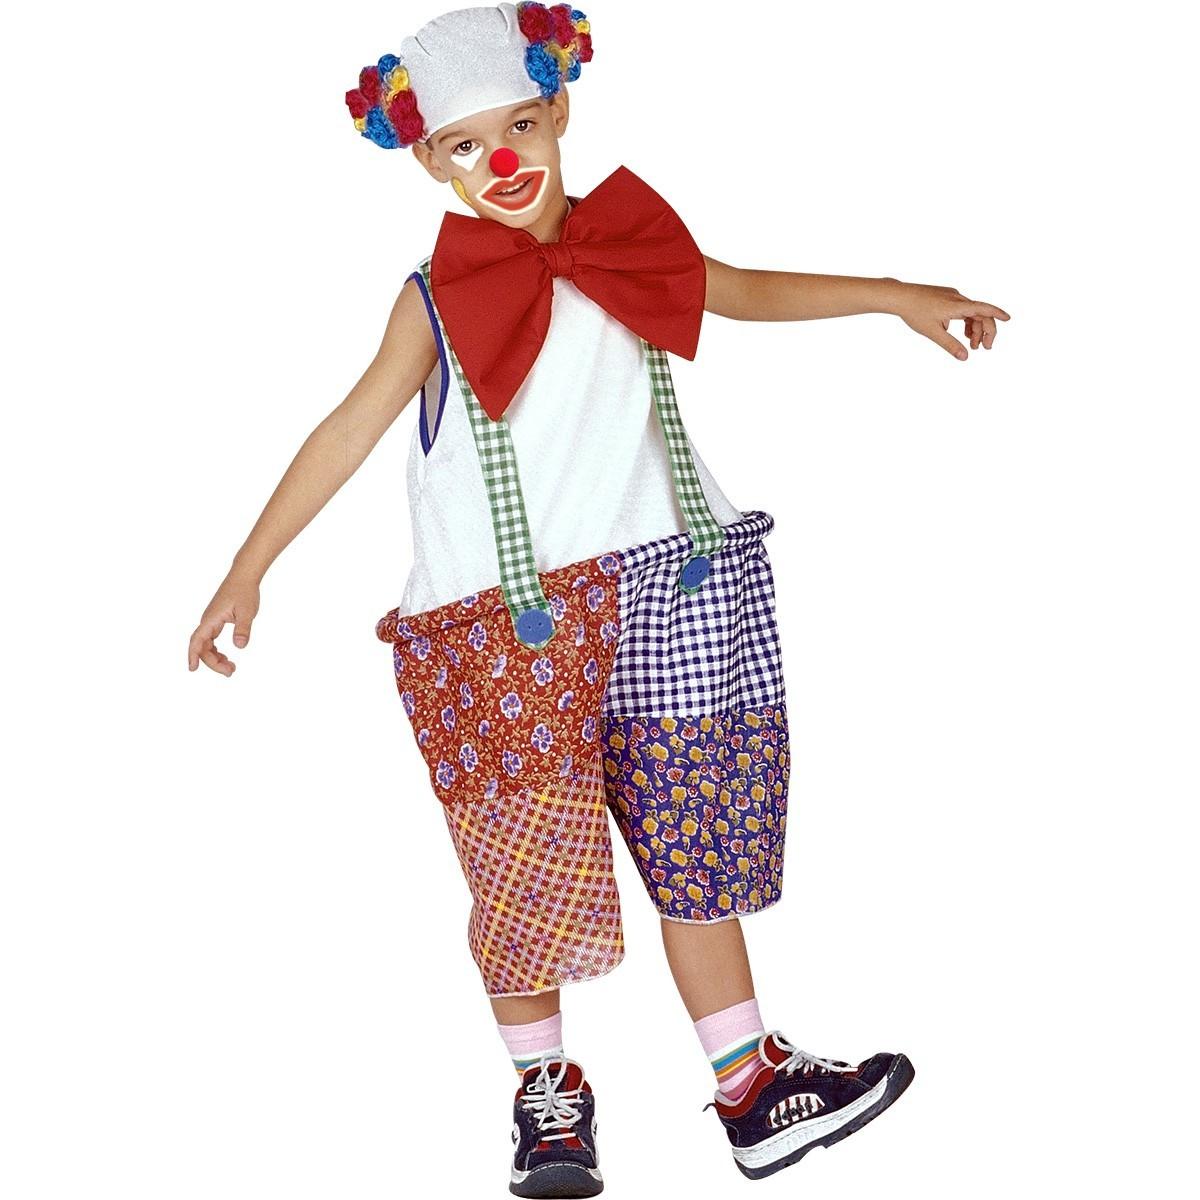 Fantasia Infantil Palhaço Circo Tamanho M